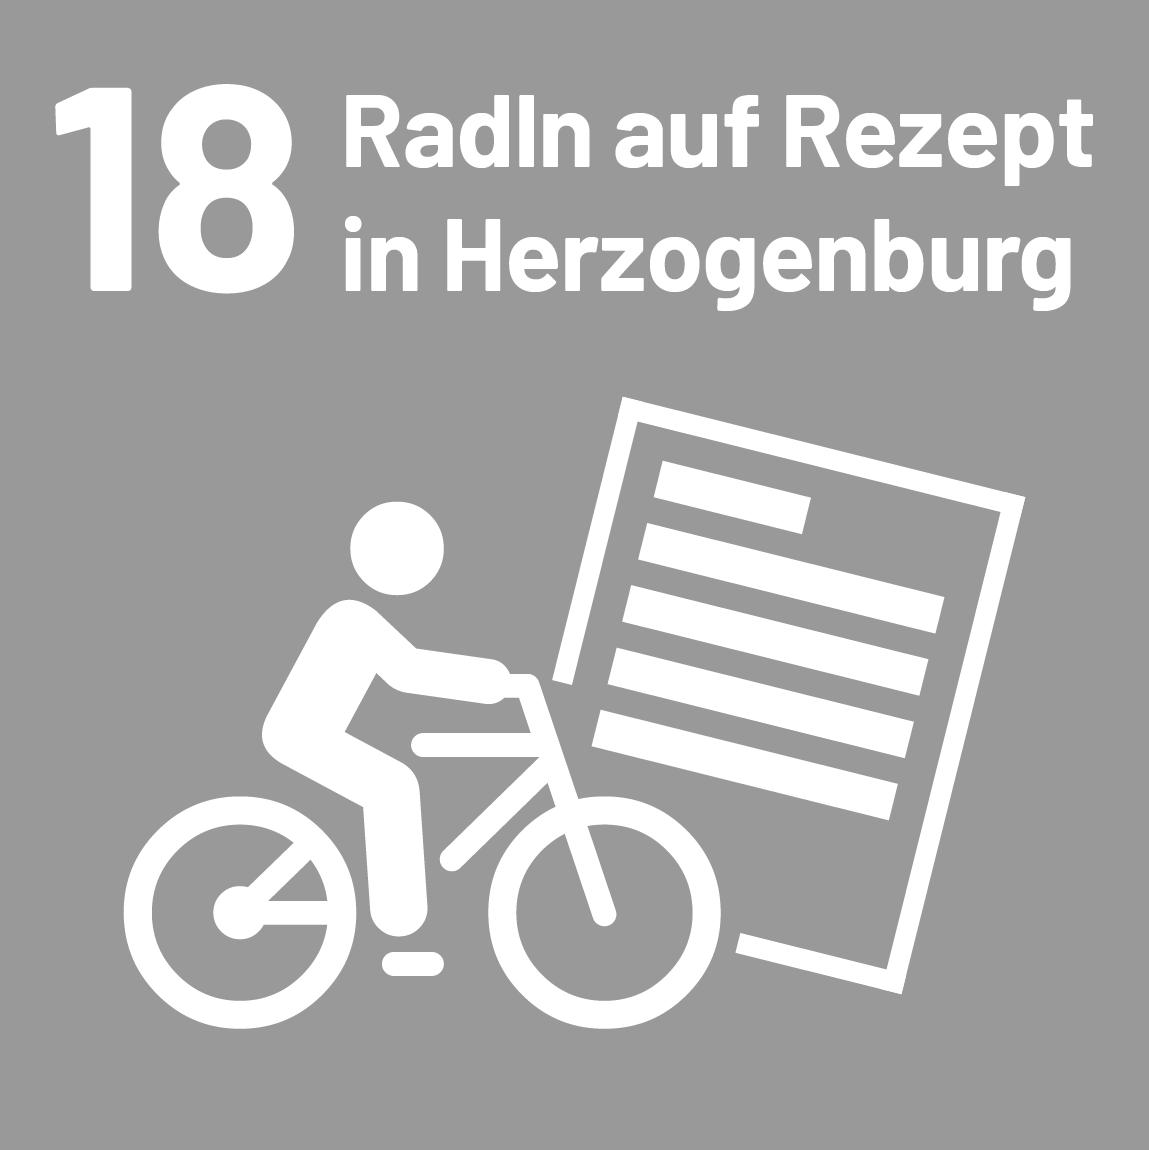 radln-auf-rezept-in-herzogenburg.png